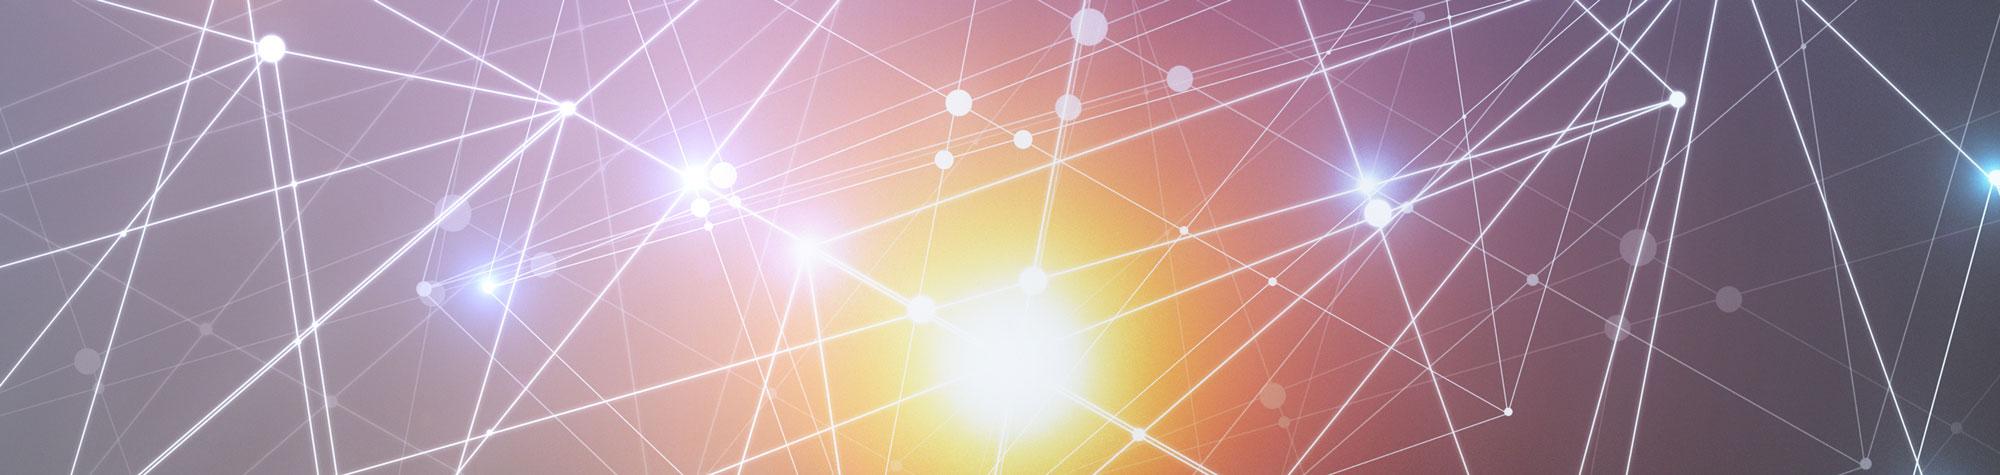 Laserliniendiagramm